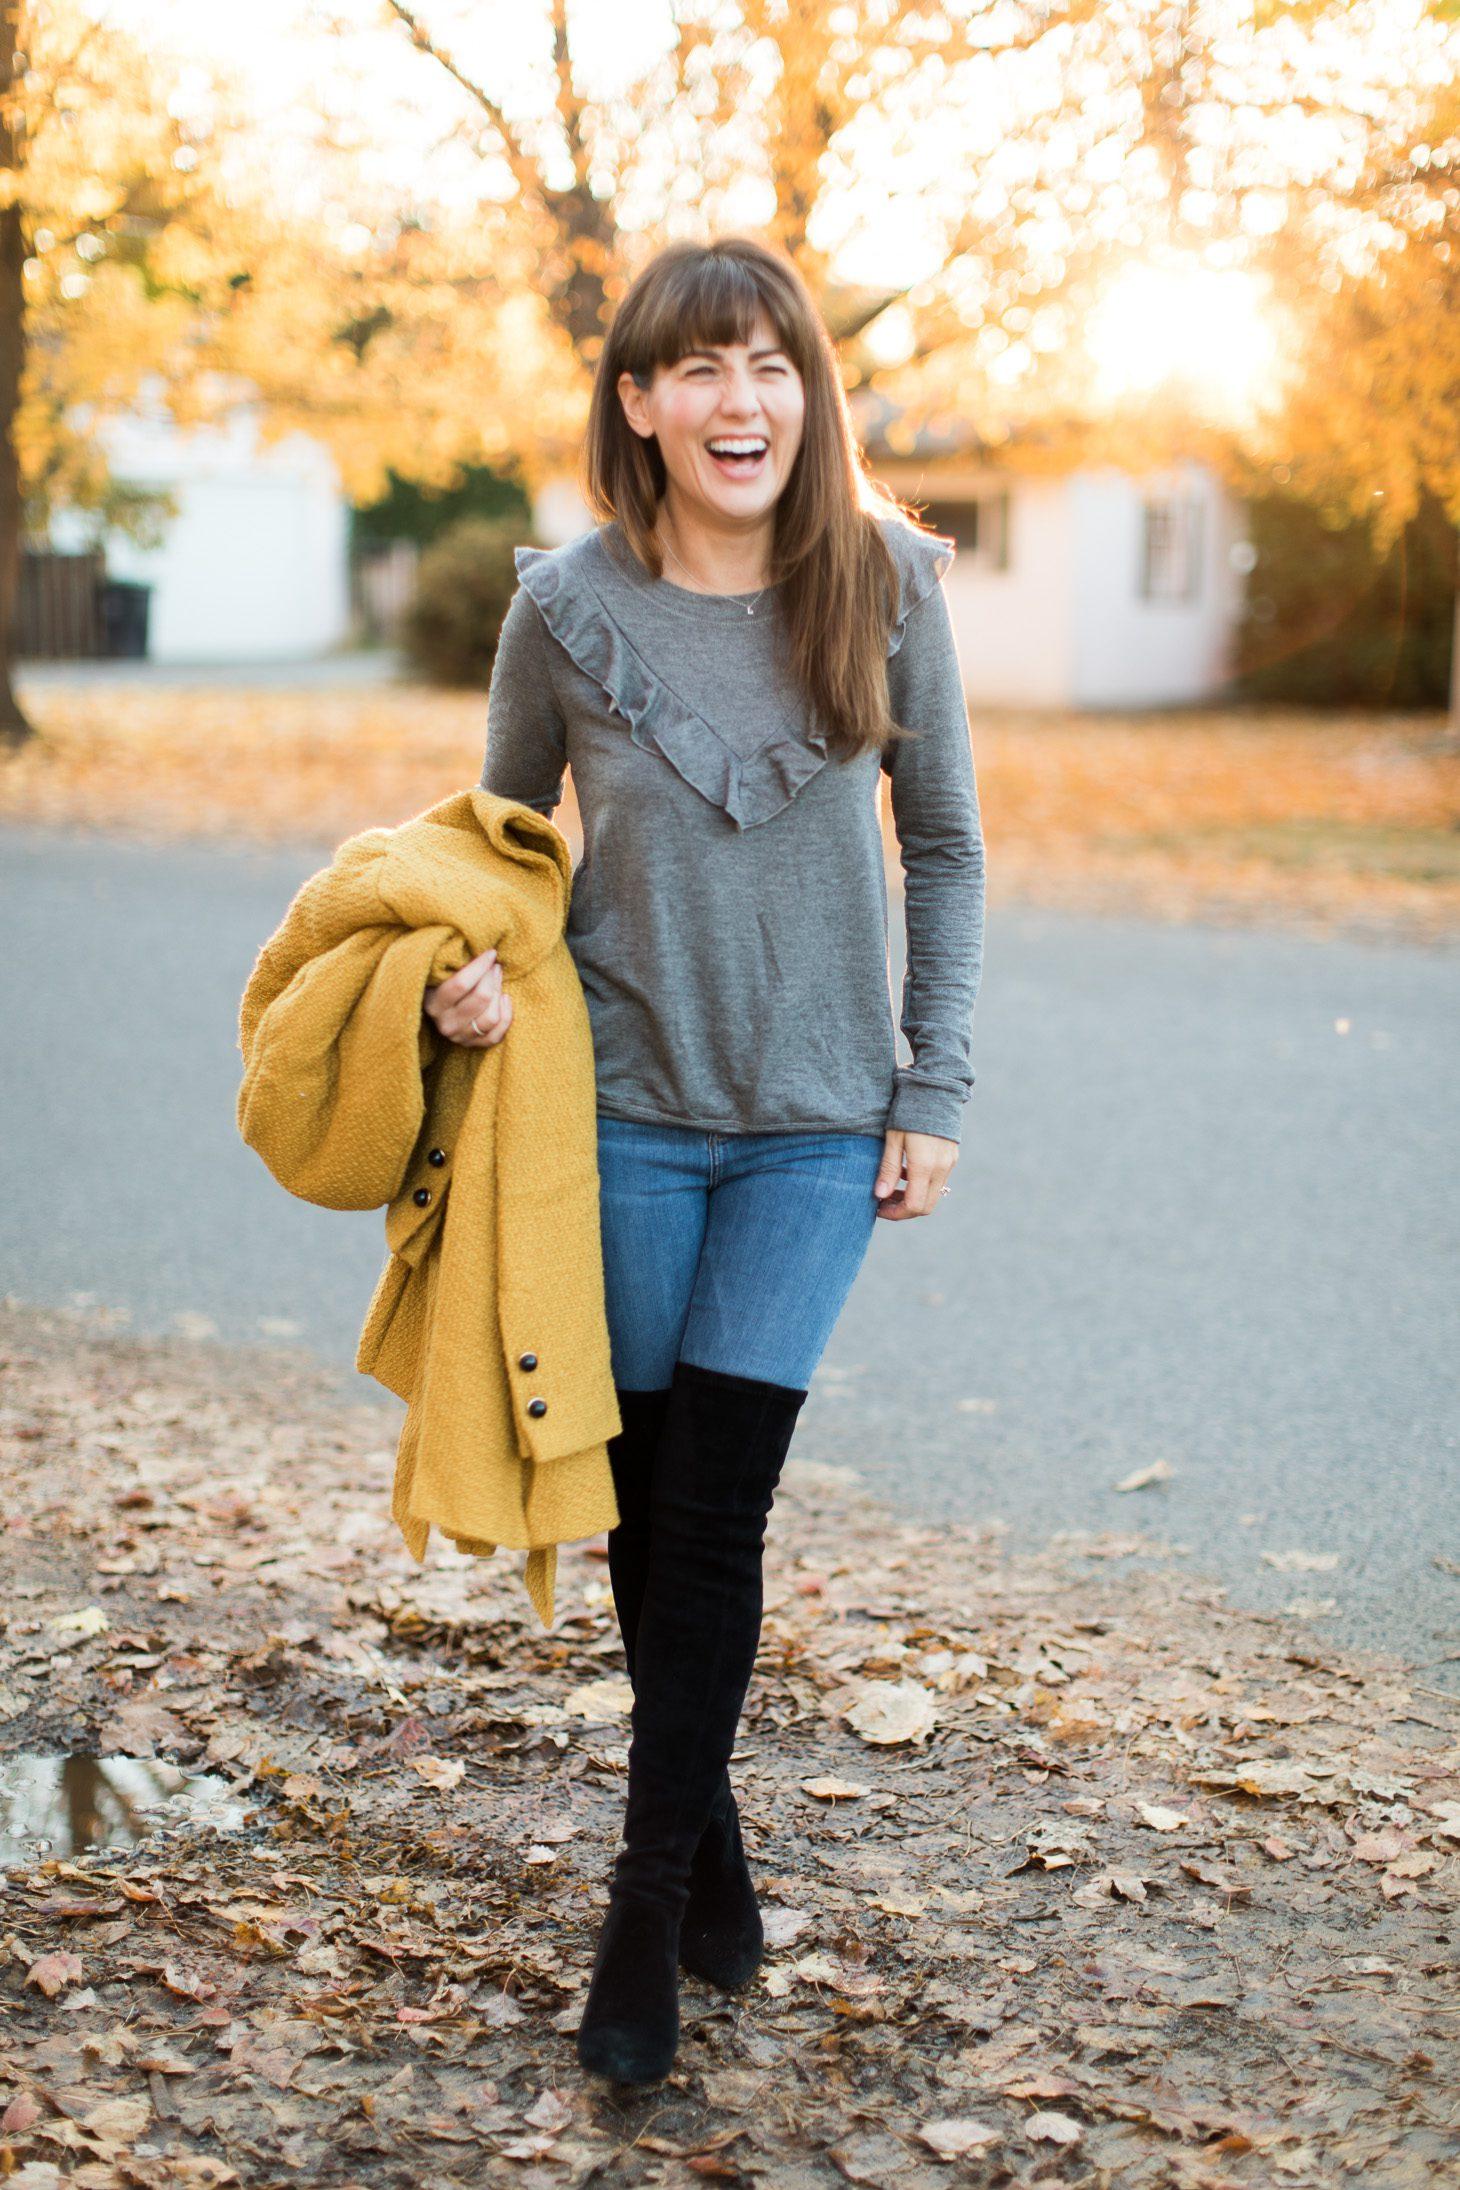 Jillian Harris Fall Fashion Outfits